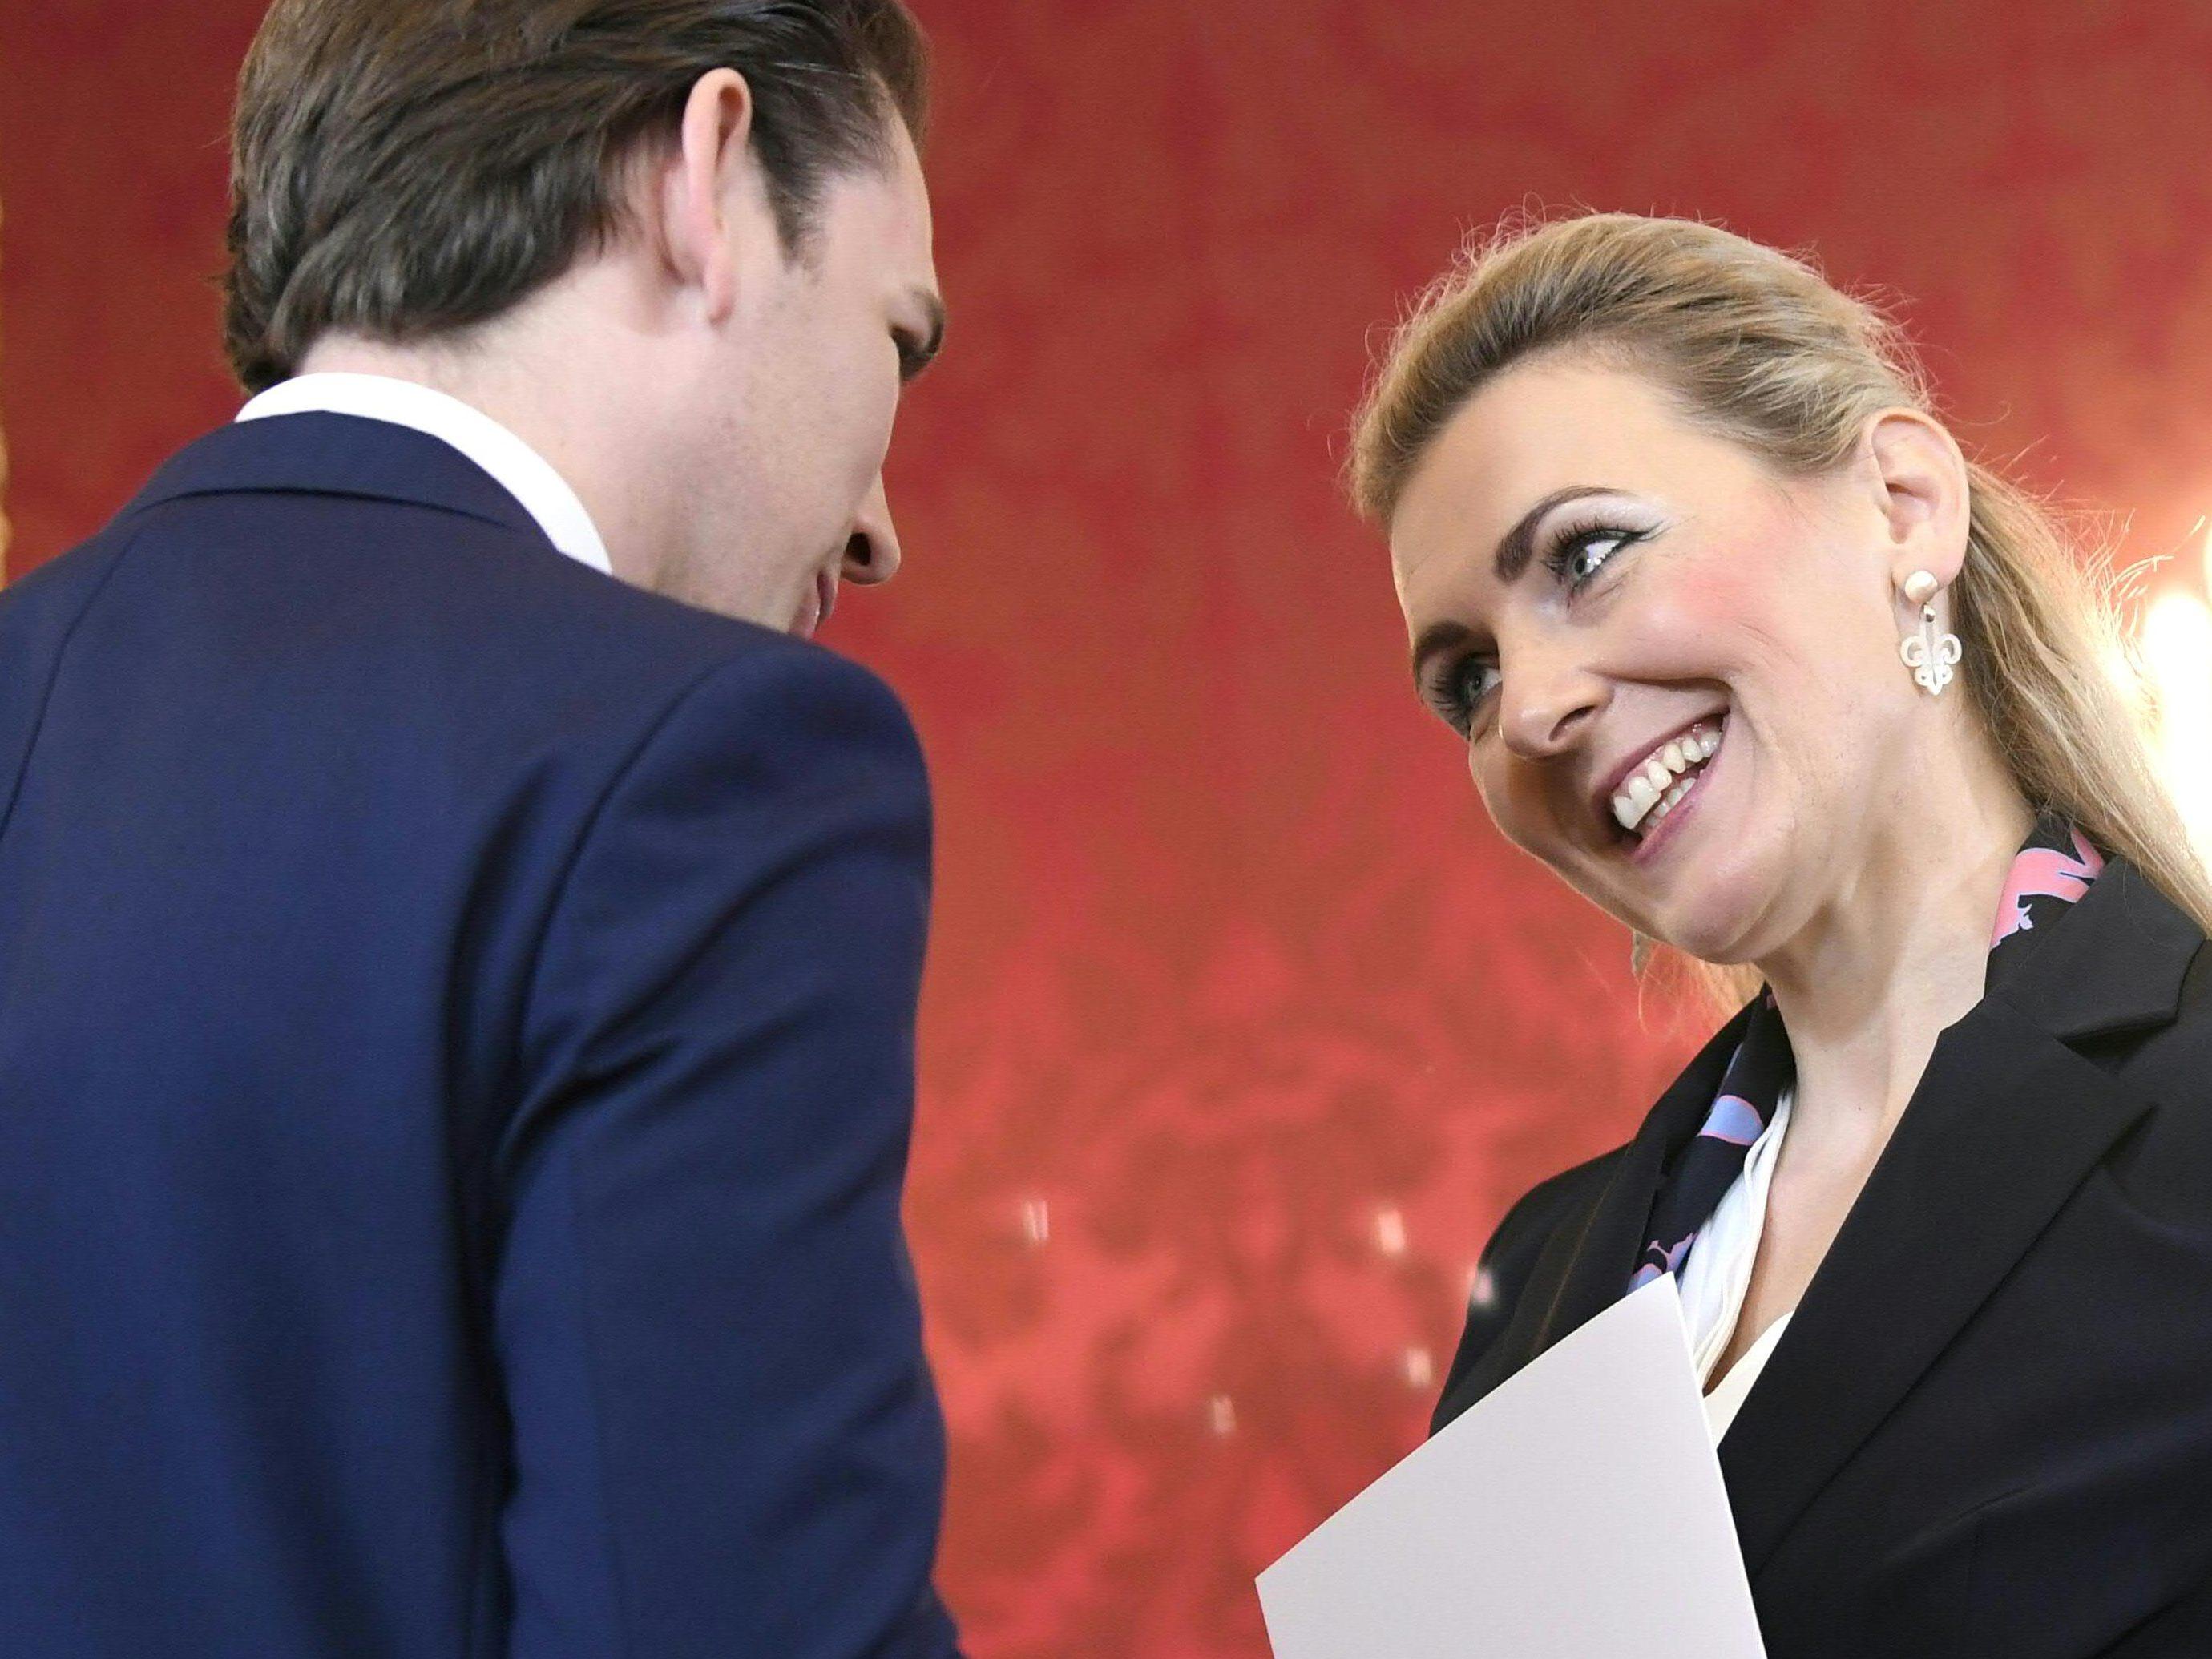 Österreich: Ministerin von Kanzler Kurz tritt zurück